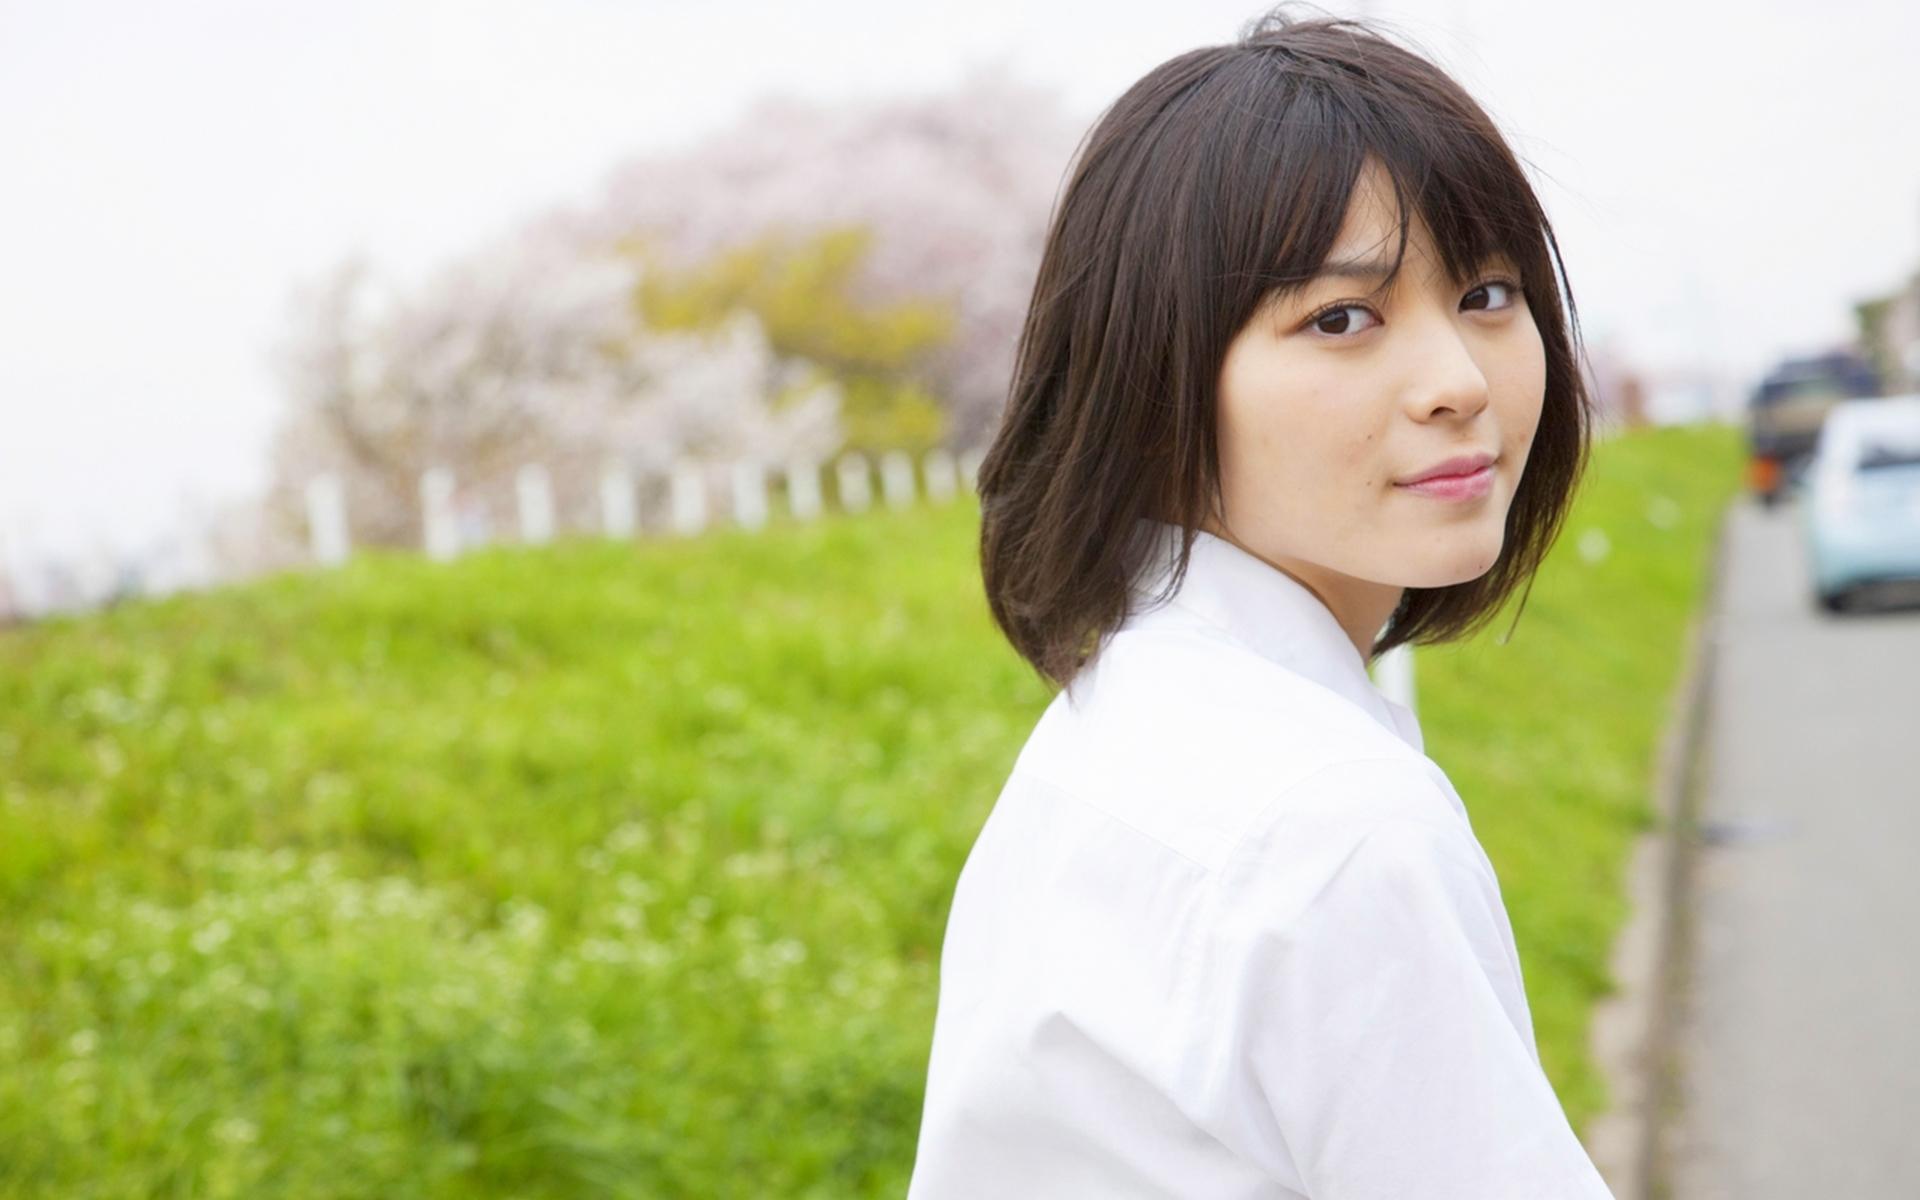 制服コレクション 青系のCHECKのスカート 土手 桜の木 矢島舞美